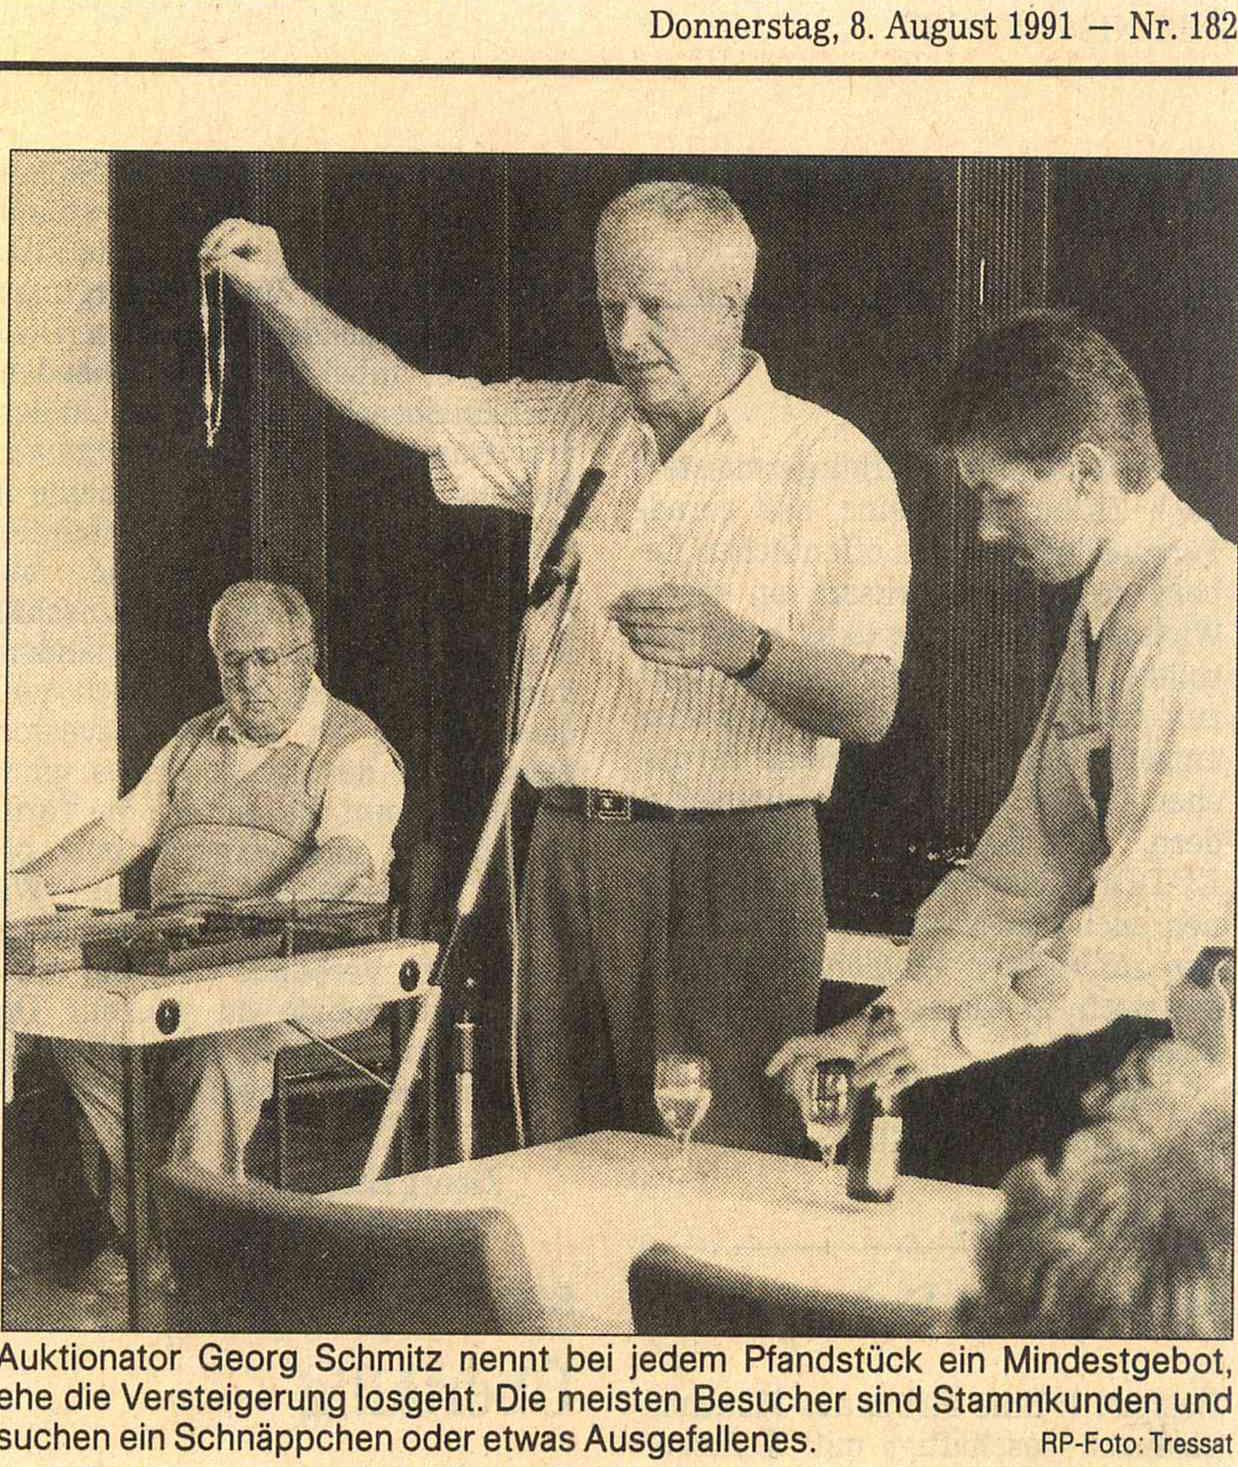 Pfandhaus Versteigerung Brocker mit Auktionator Georg Schmitz 1991